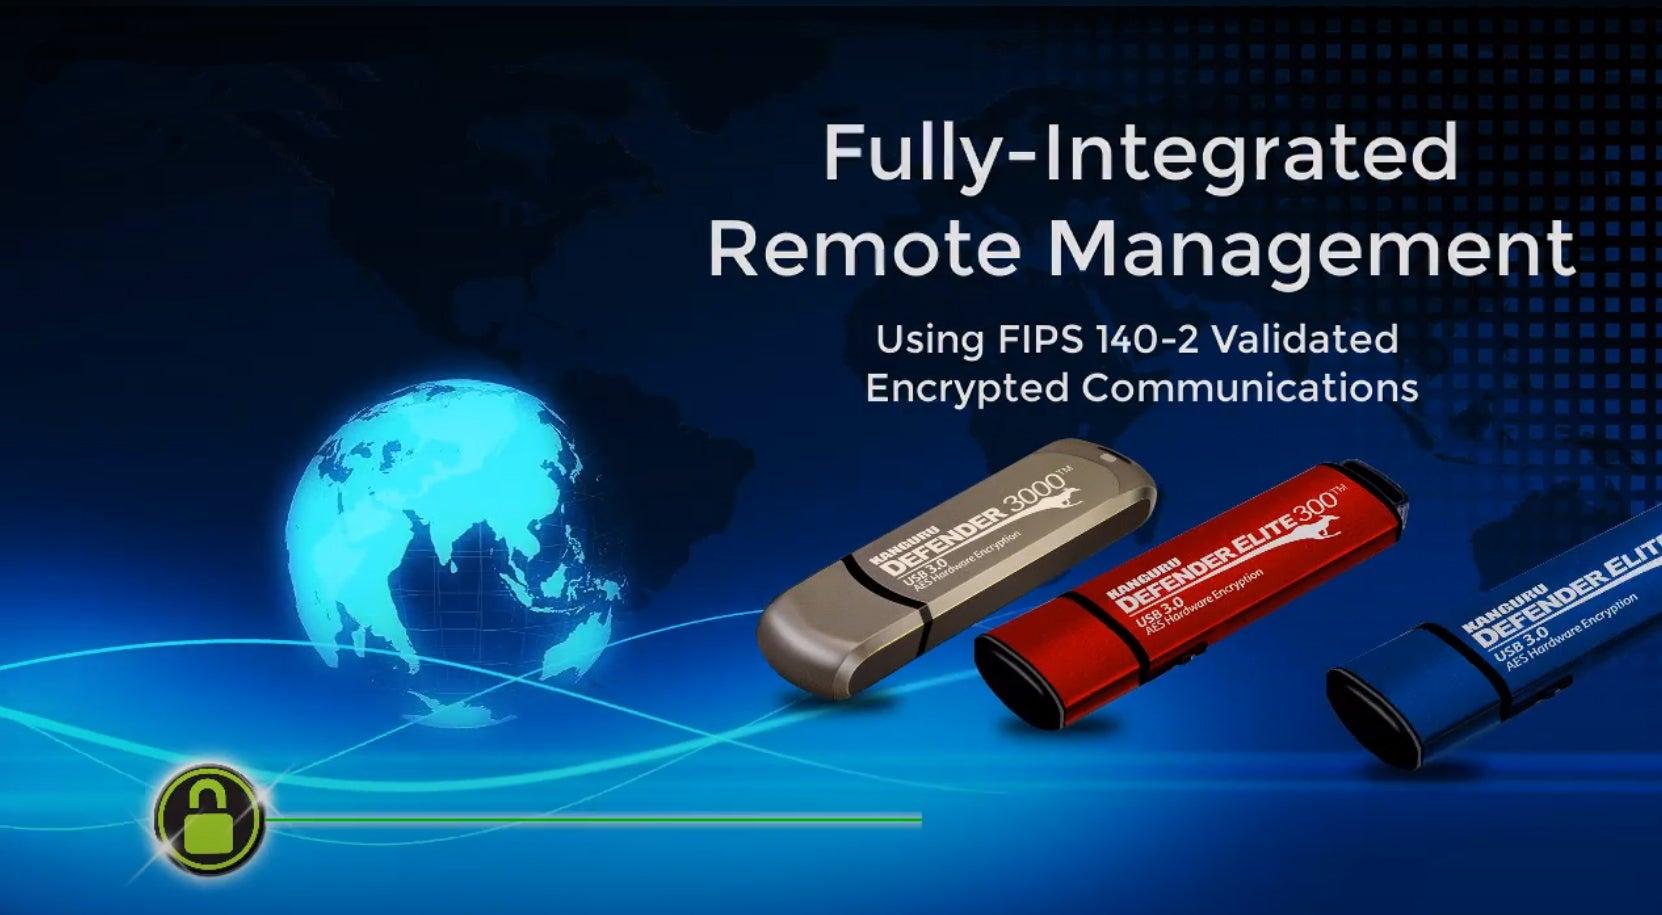 2. Kanguru Remote Management Console